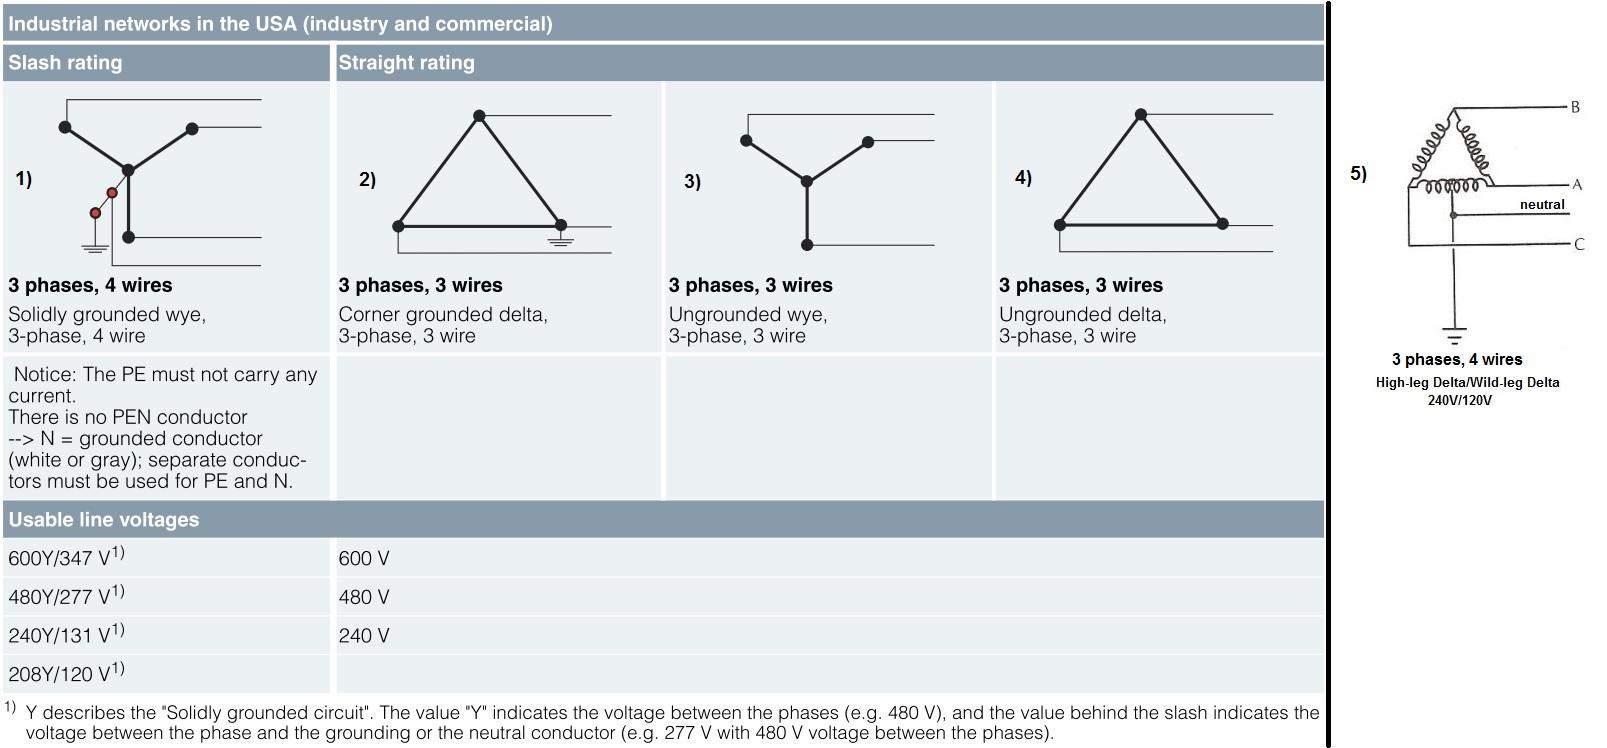 Przystosowanie Europejskiej Maszyny Do Sieci W Usa High Leg Delta Wiring Diagram